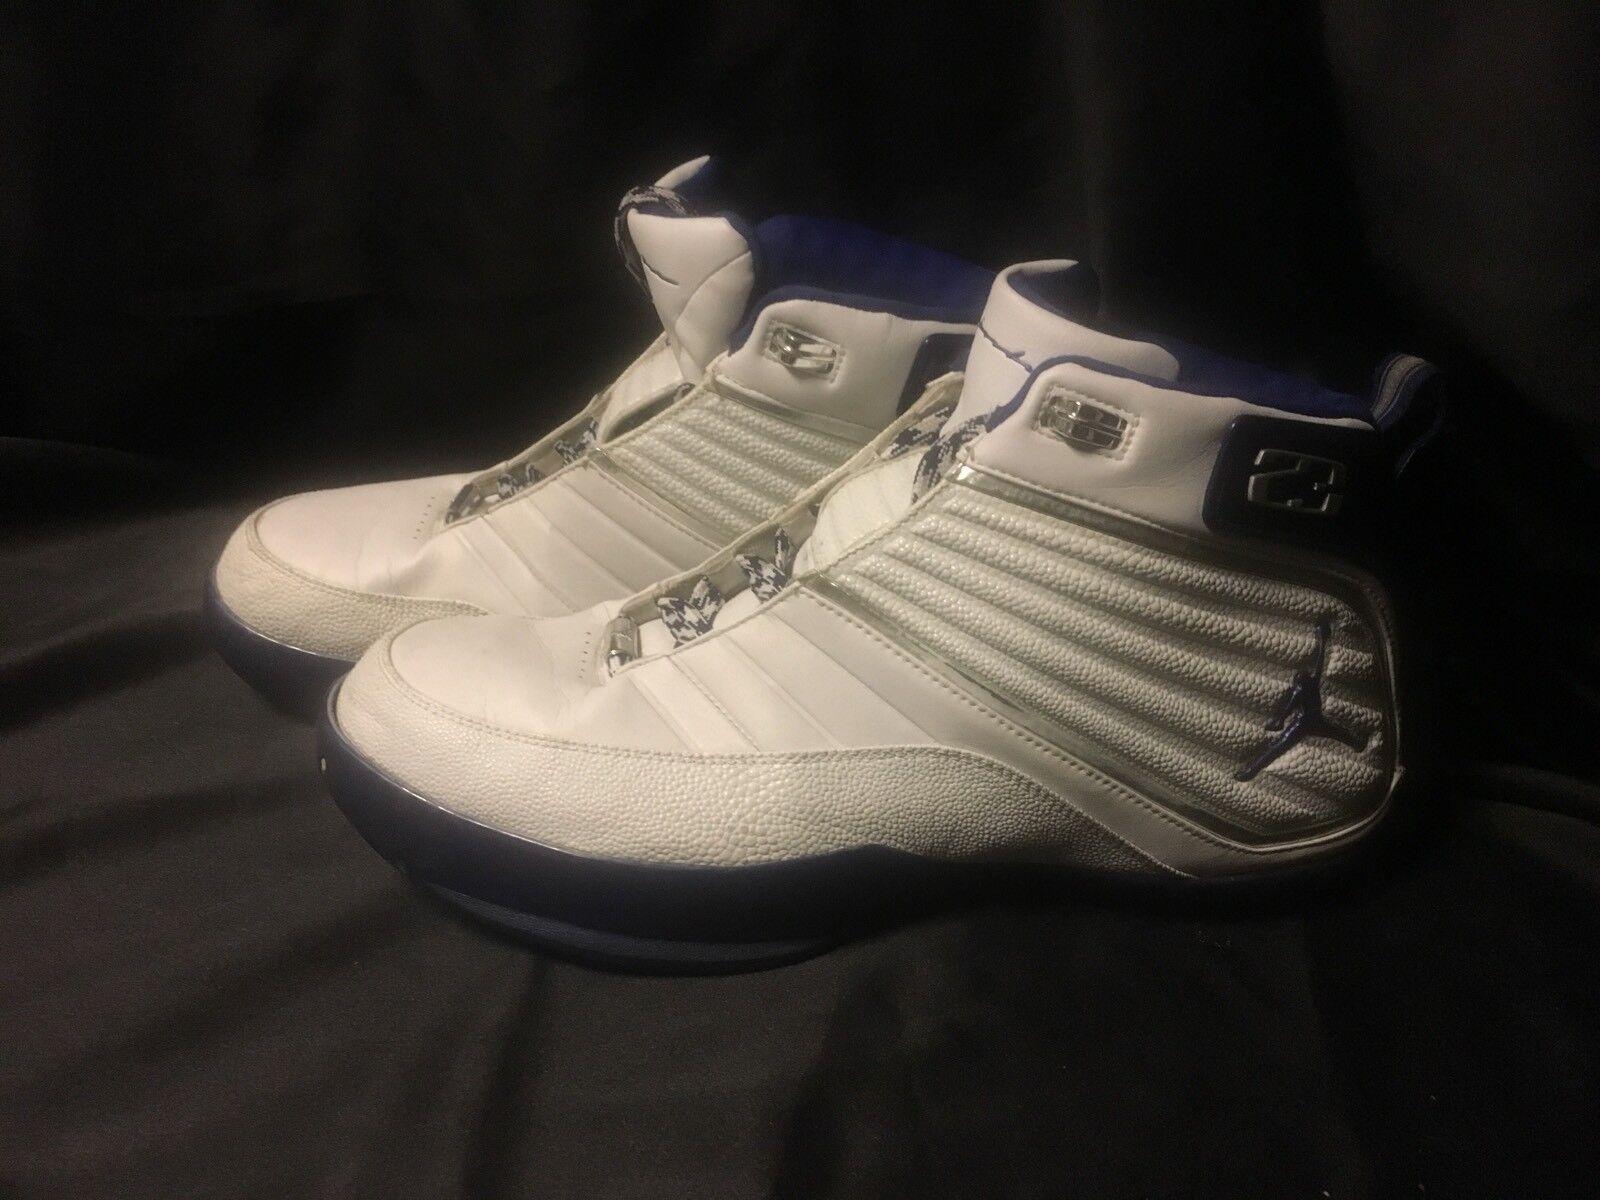 Nike air jordan jumpman prostatus - 2004 sz13